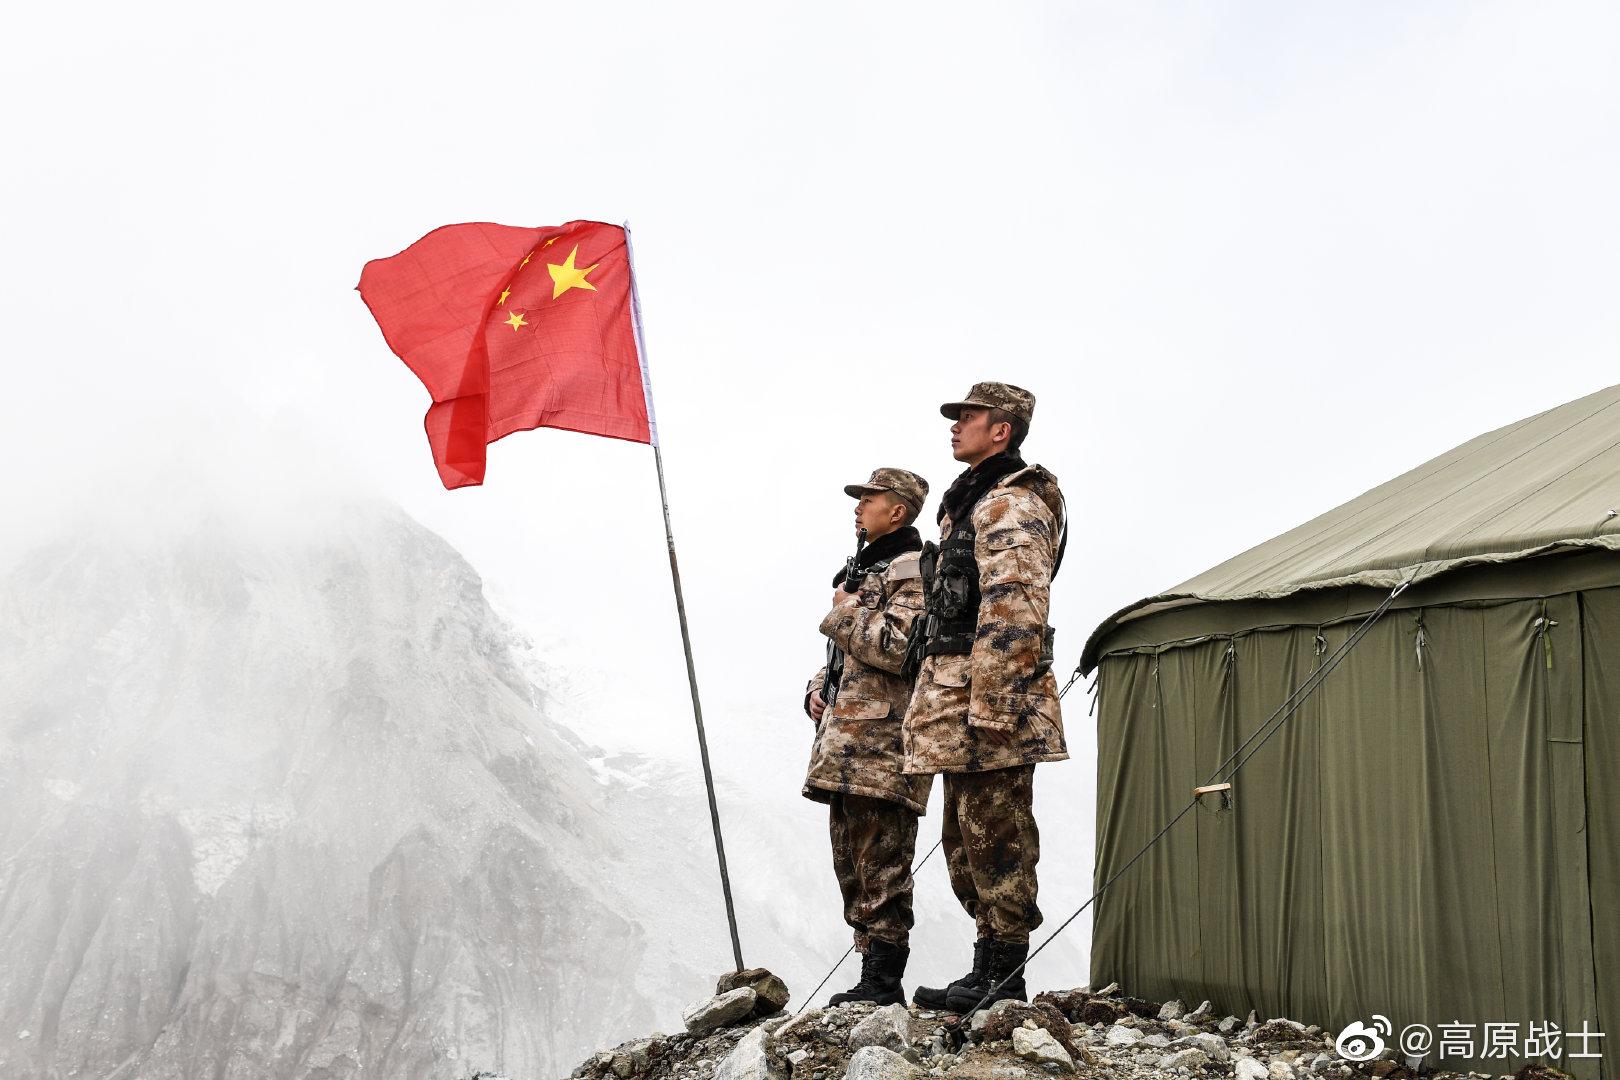 【成人影院技巧】_印度为何自认能在冲突中占便宜?中国有何反制措施?专家解读